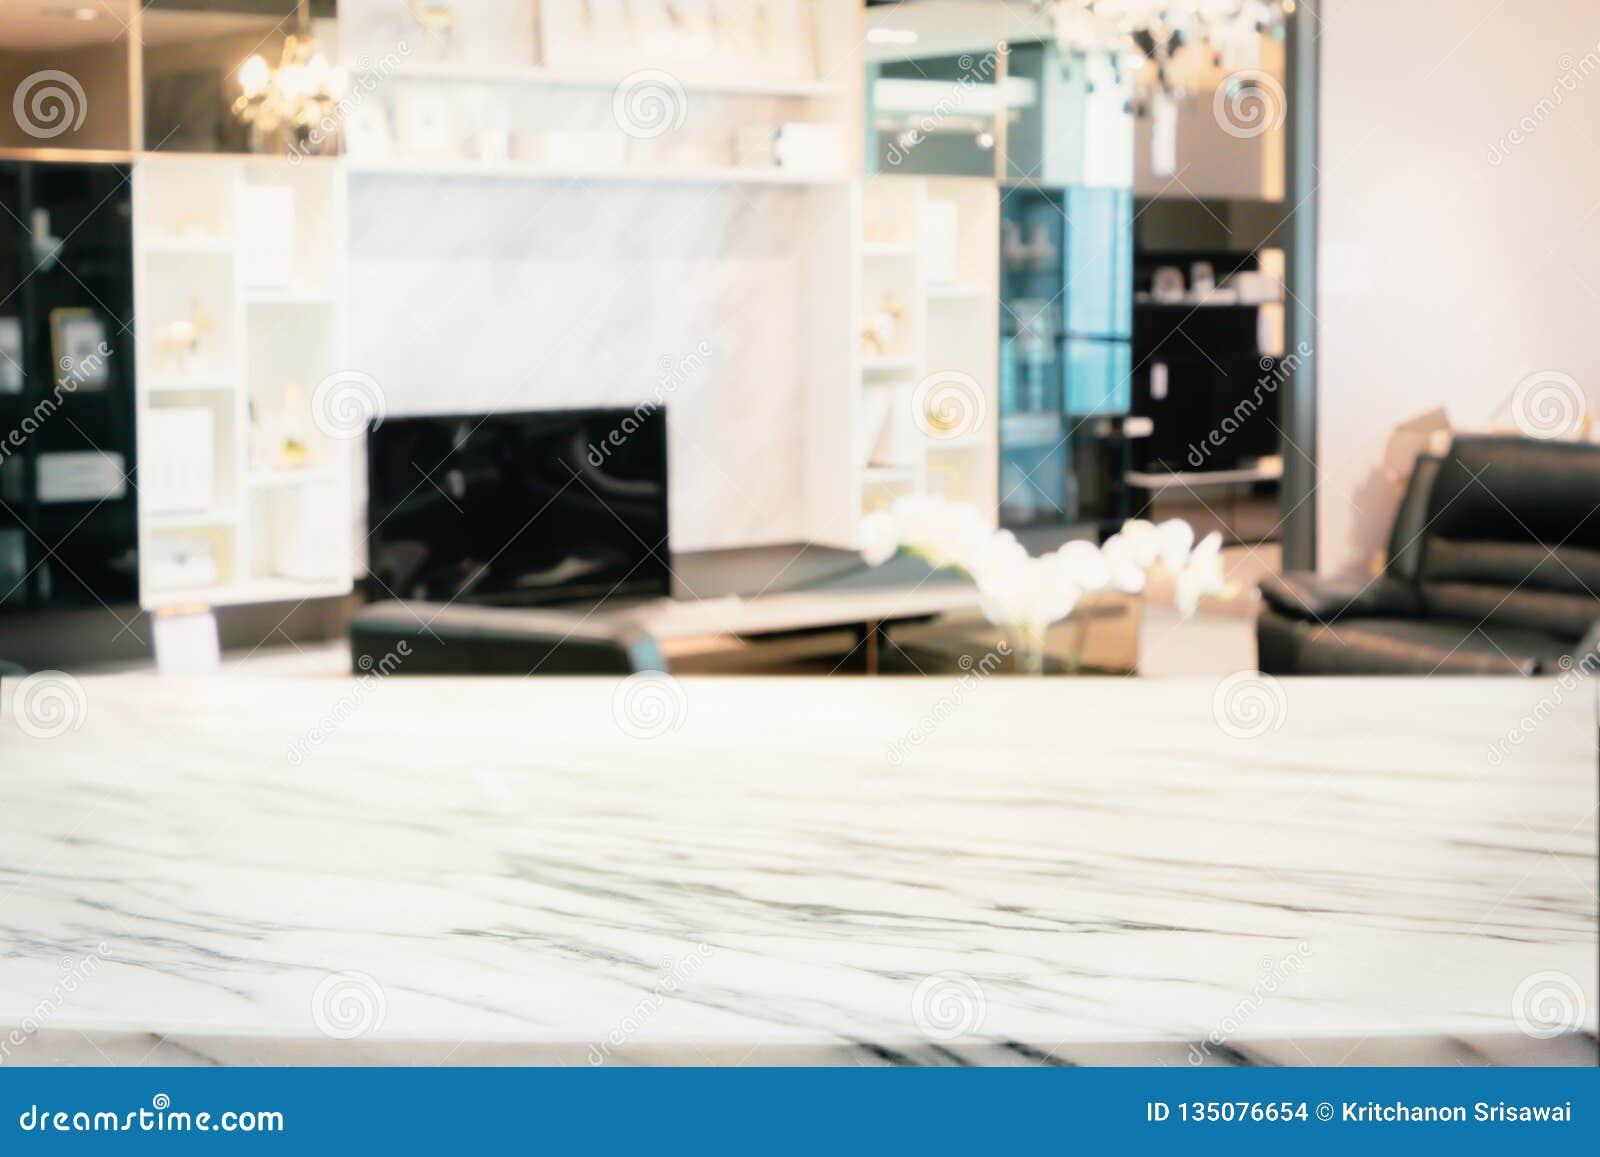 Extracto borroso de la sala de estar moderna con el estante y la TV de mármol